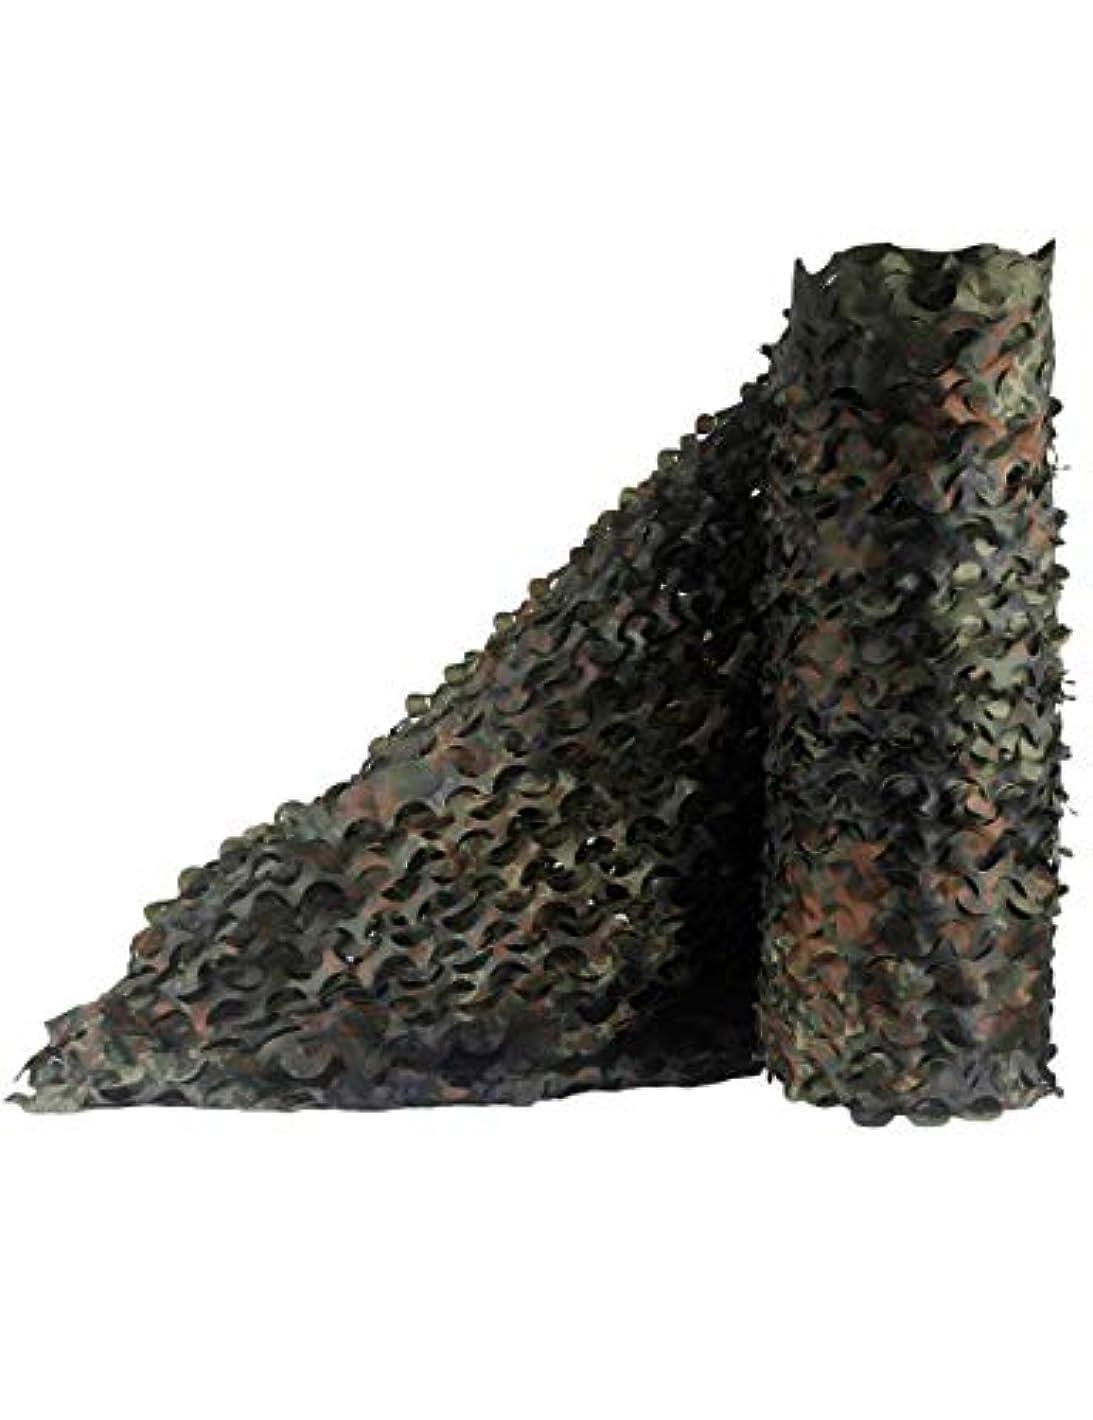 ジョージバーナードカフェアンソロジーアウトドア迷彩ネットウッドランドオックスフォード布撮影隠しキャンプキャンプミリタリーネット (サイズ さいず : 1.5*10m)